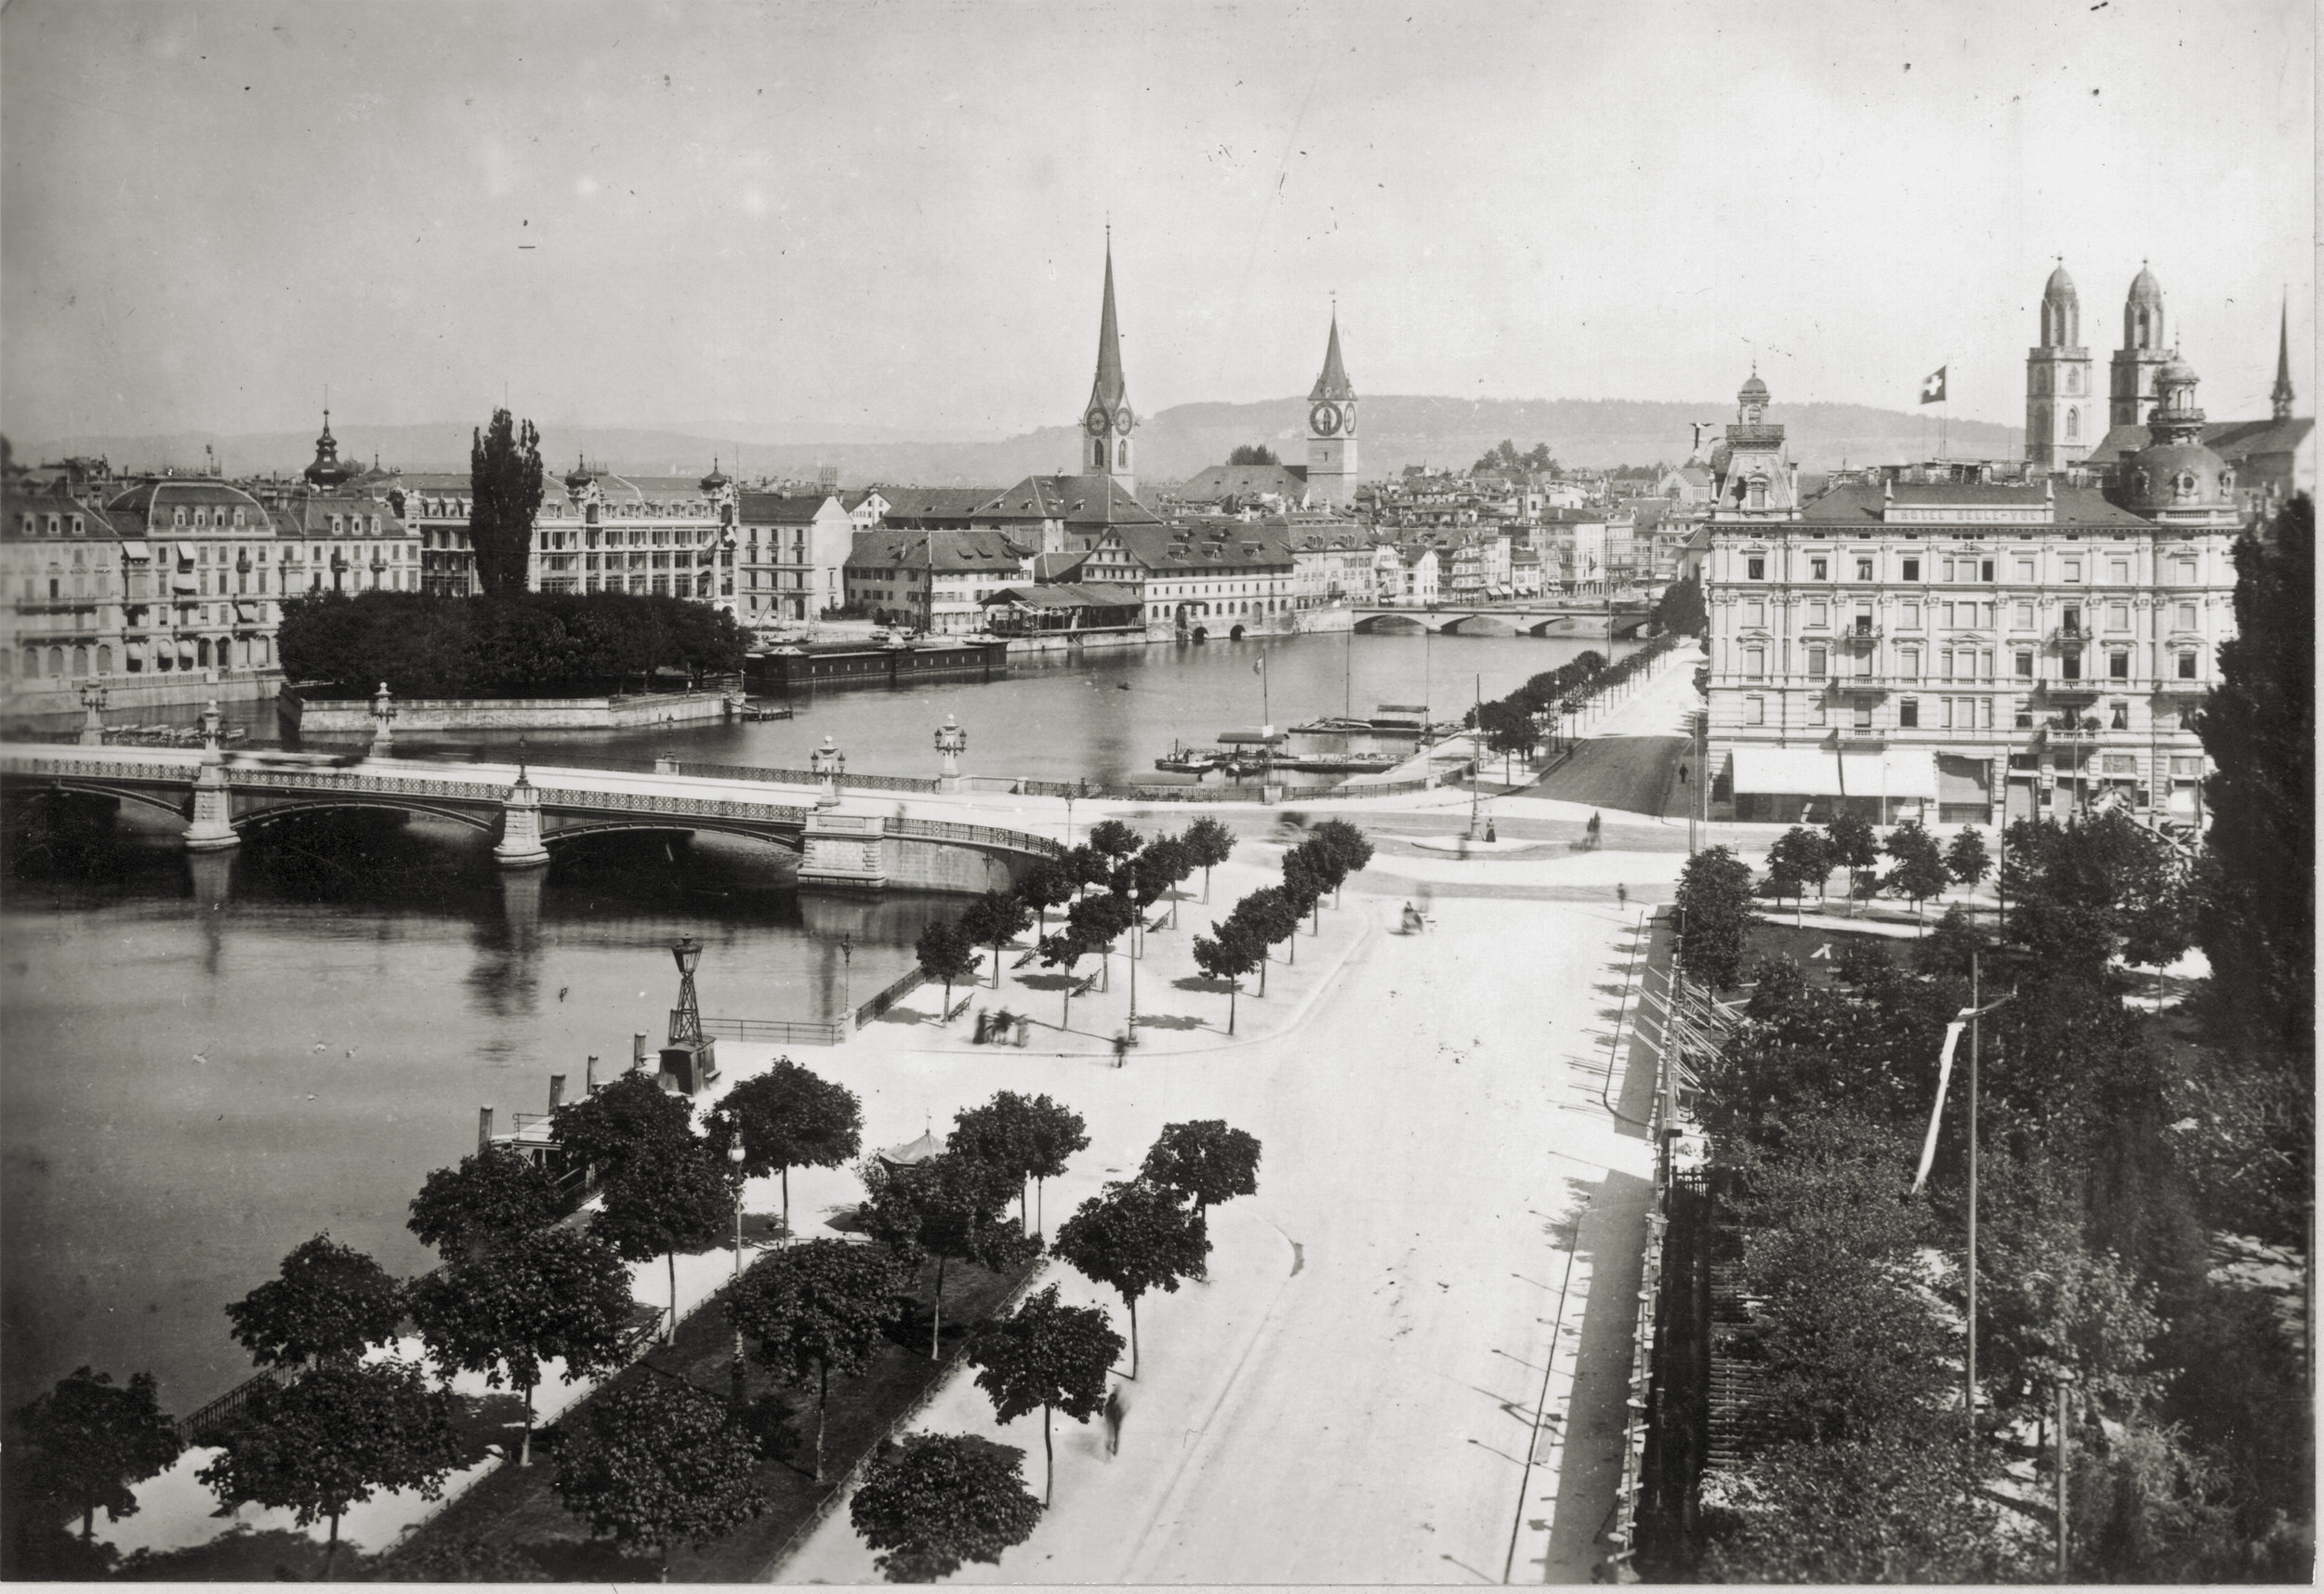 Blick auf das Utoquai, den Bellevueplatz und die Quaibrücke (Fotografie Baugeschichtliches Archiv 1896)